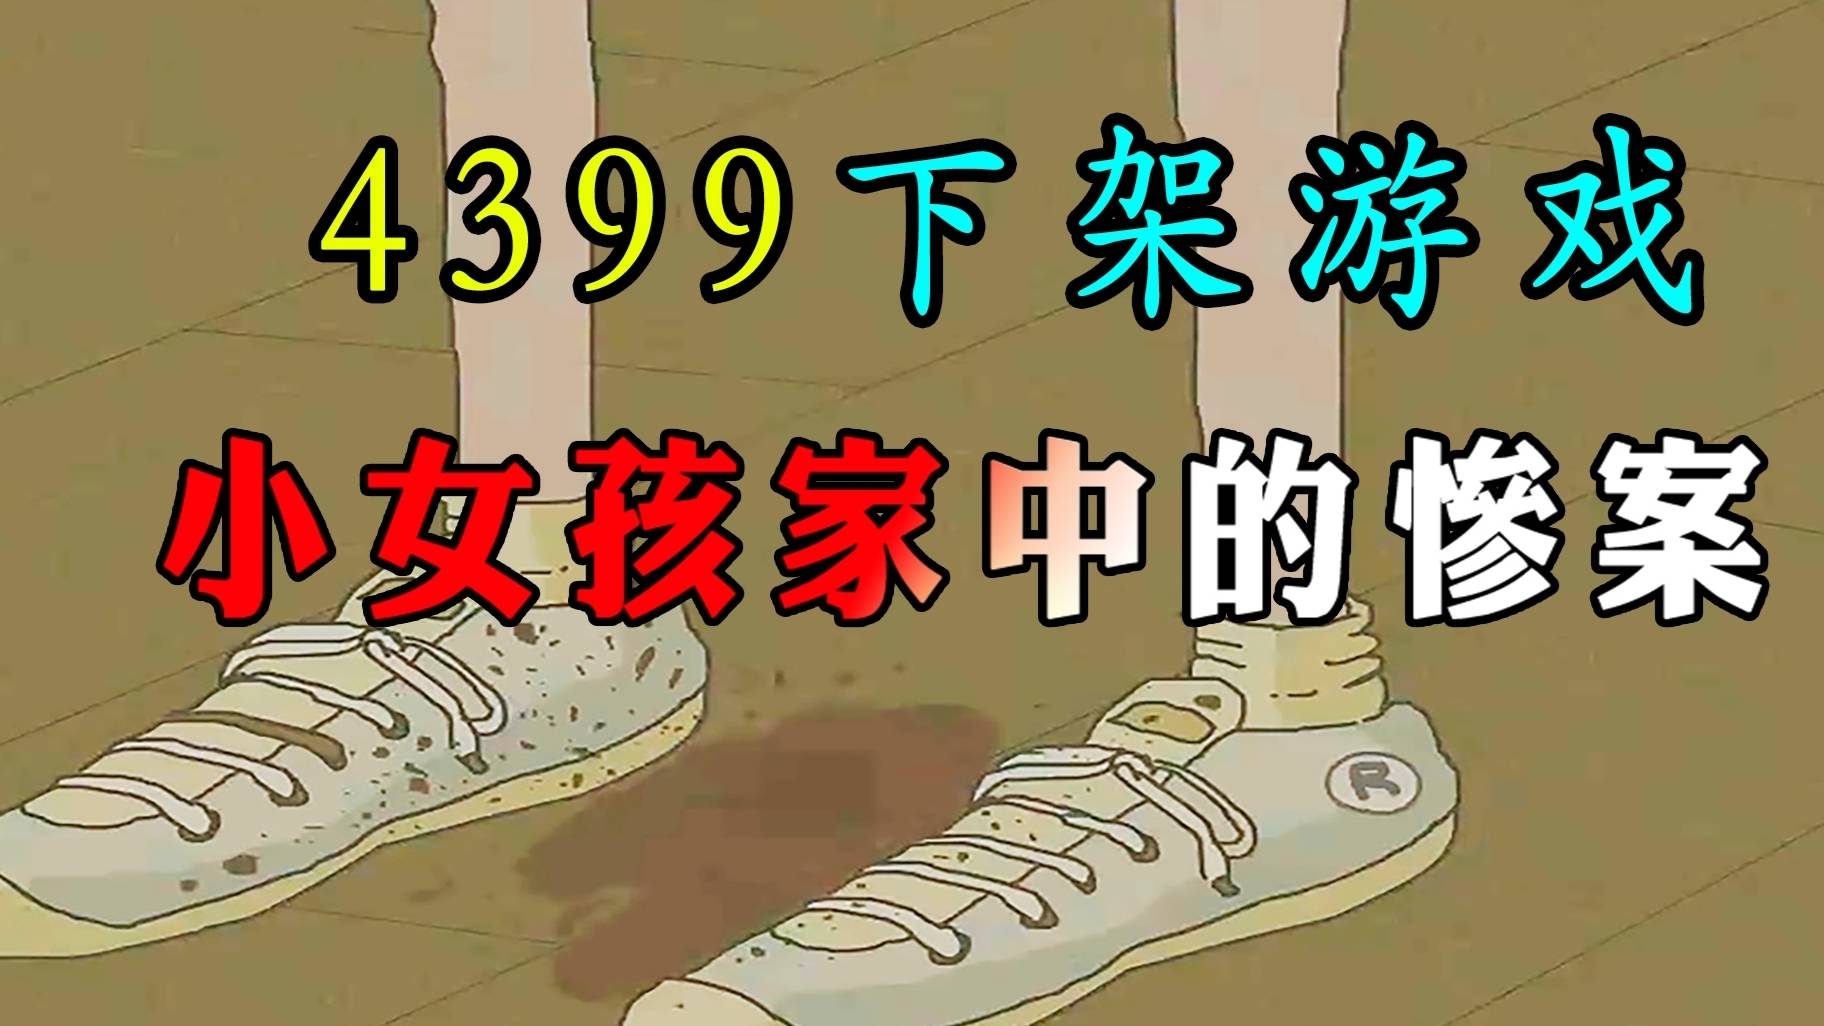 这款游戏由于画面太过于残忍,遭到了4399下架!